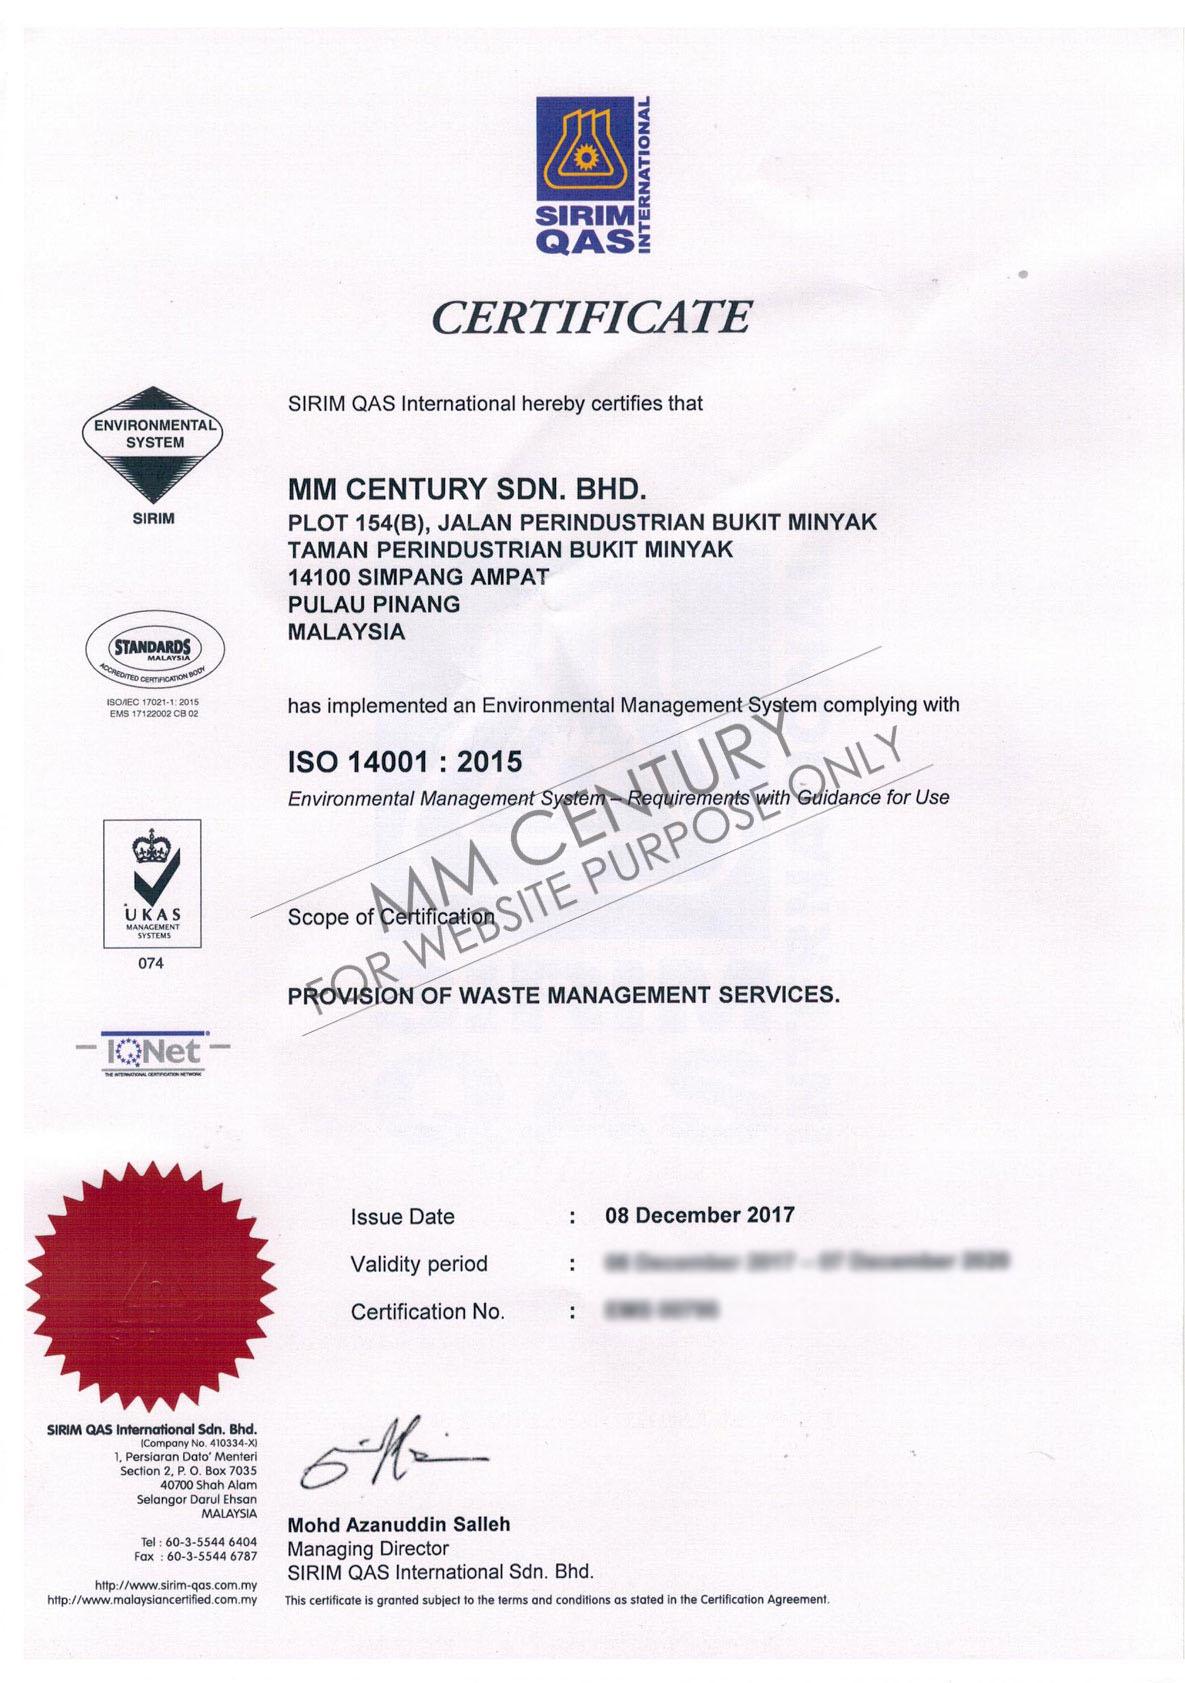 MM Century- Certificate, SIRIM QAS International